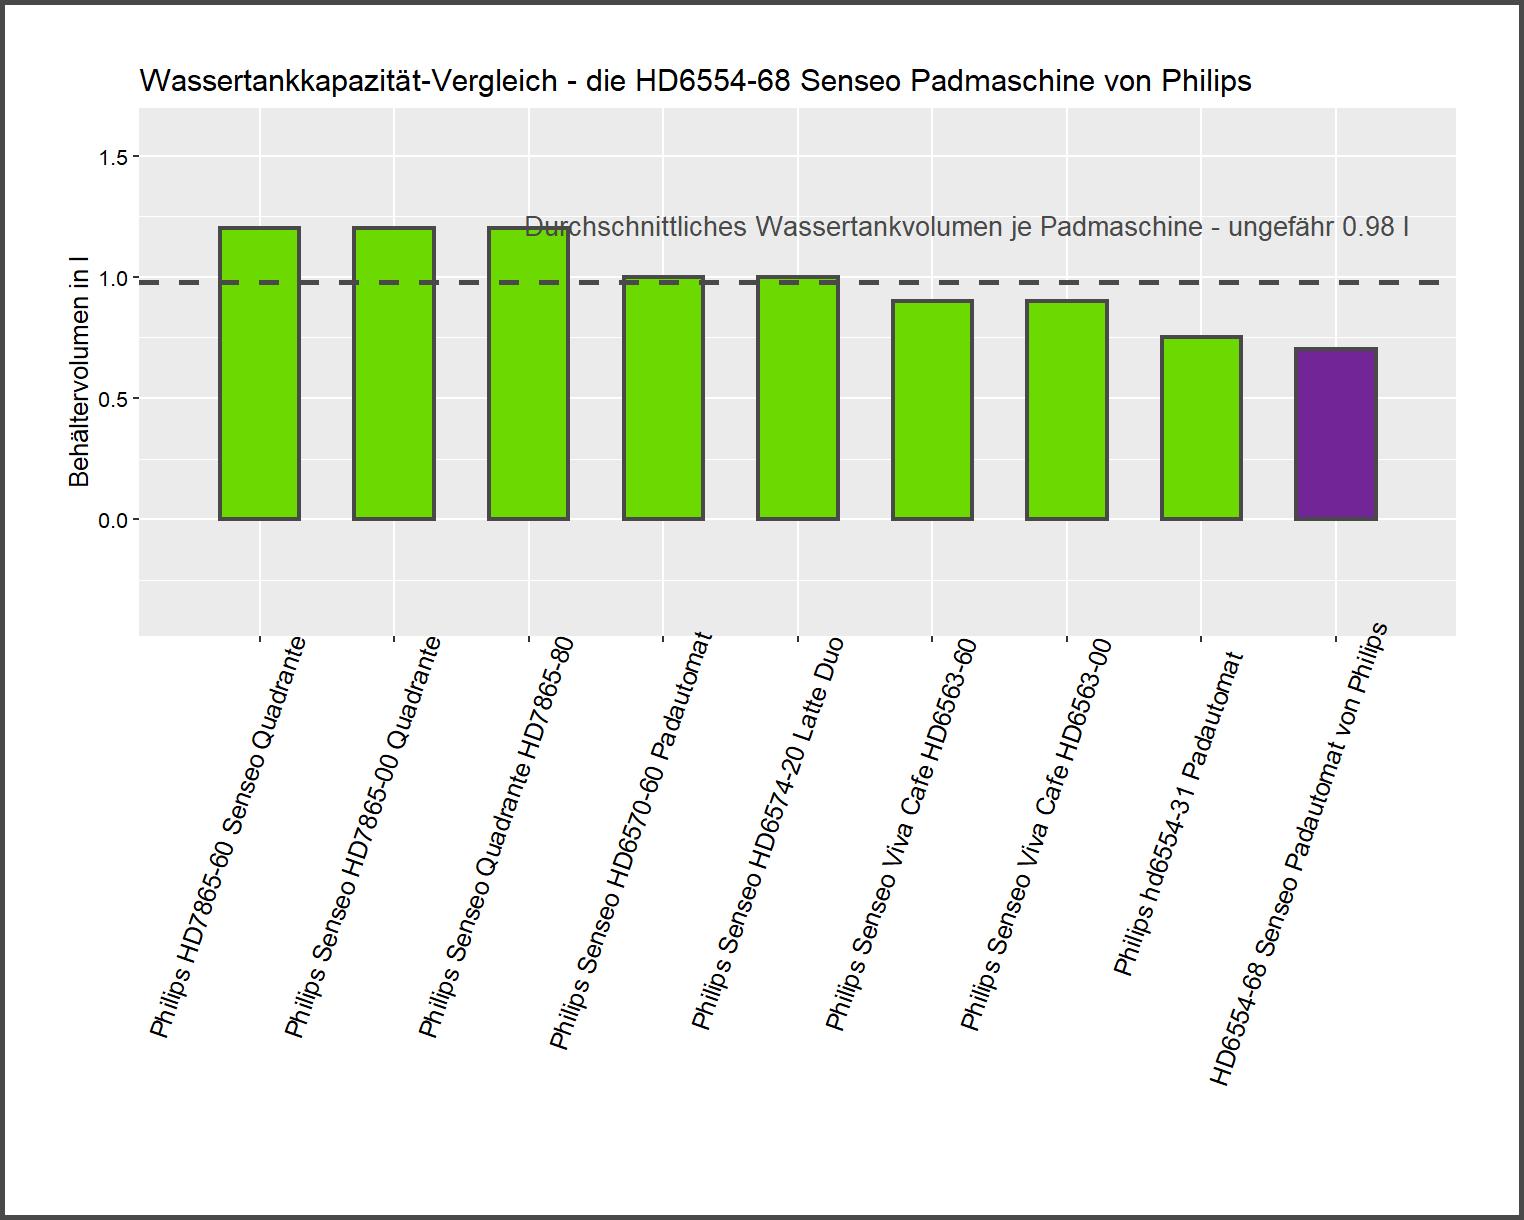 Behältervolumen-Vergleich von der Philips Kaffeepadmaschine HD6554-68 Senseo